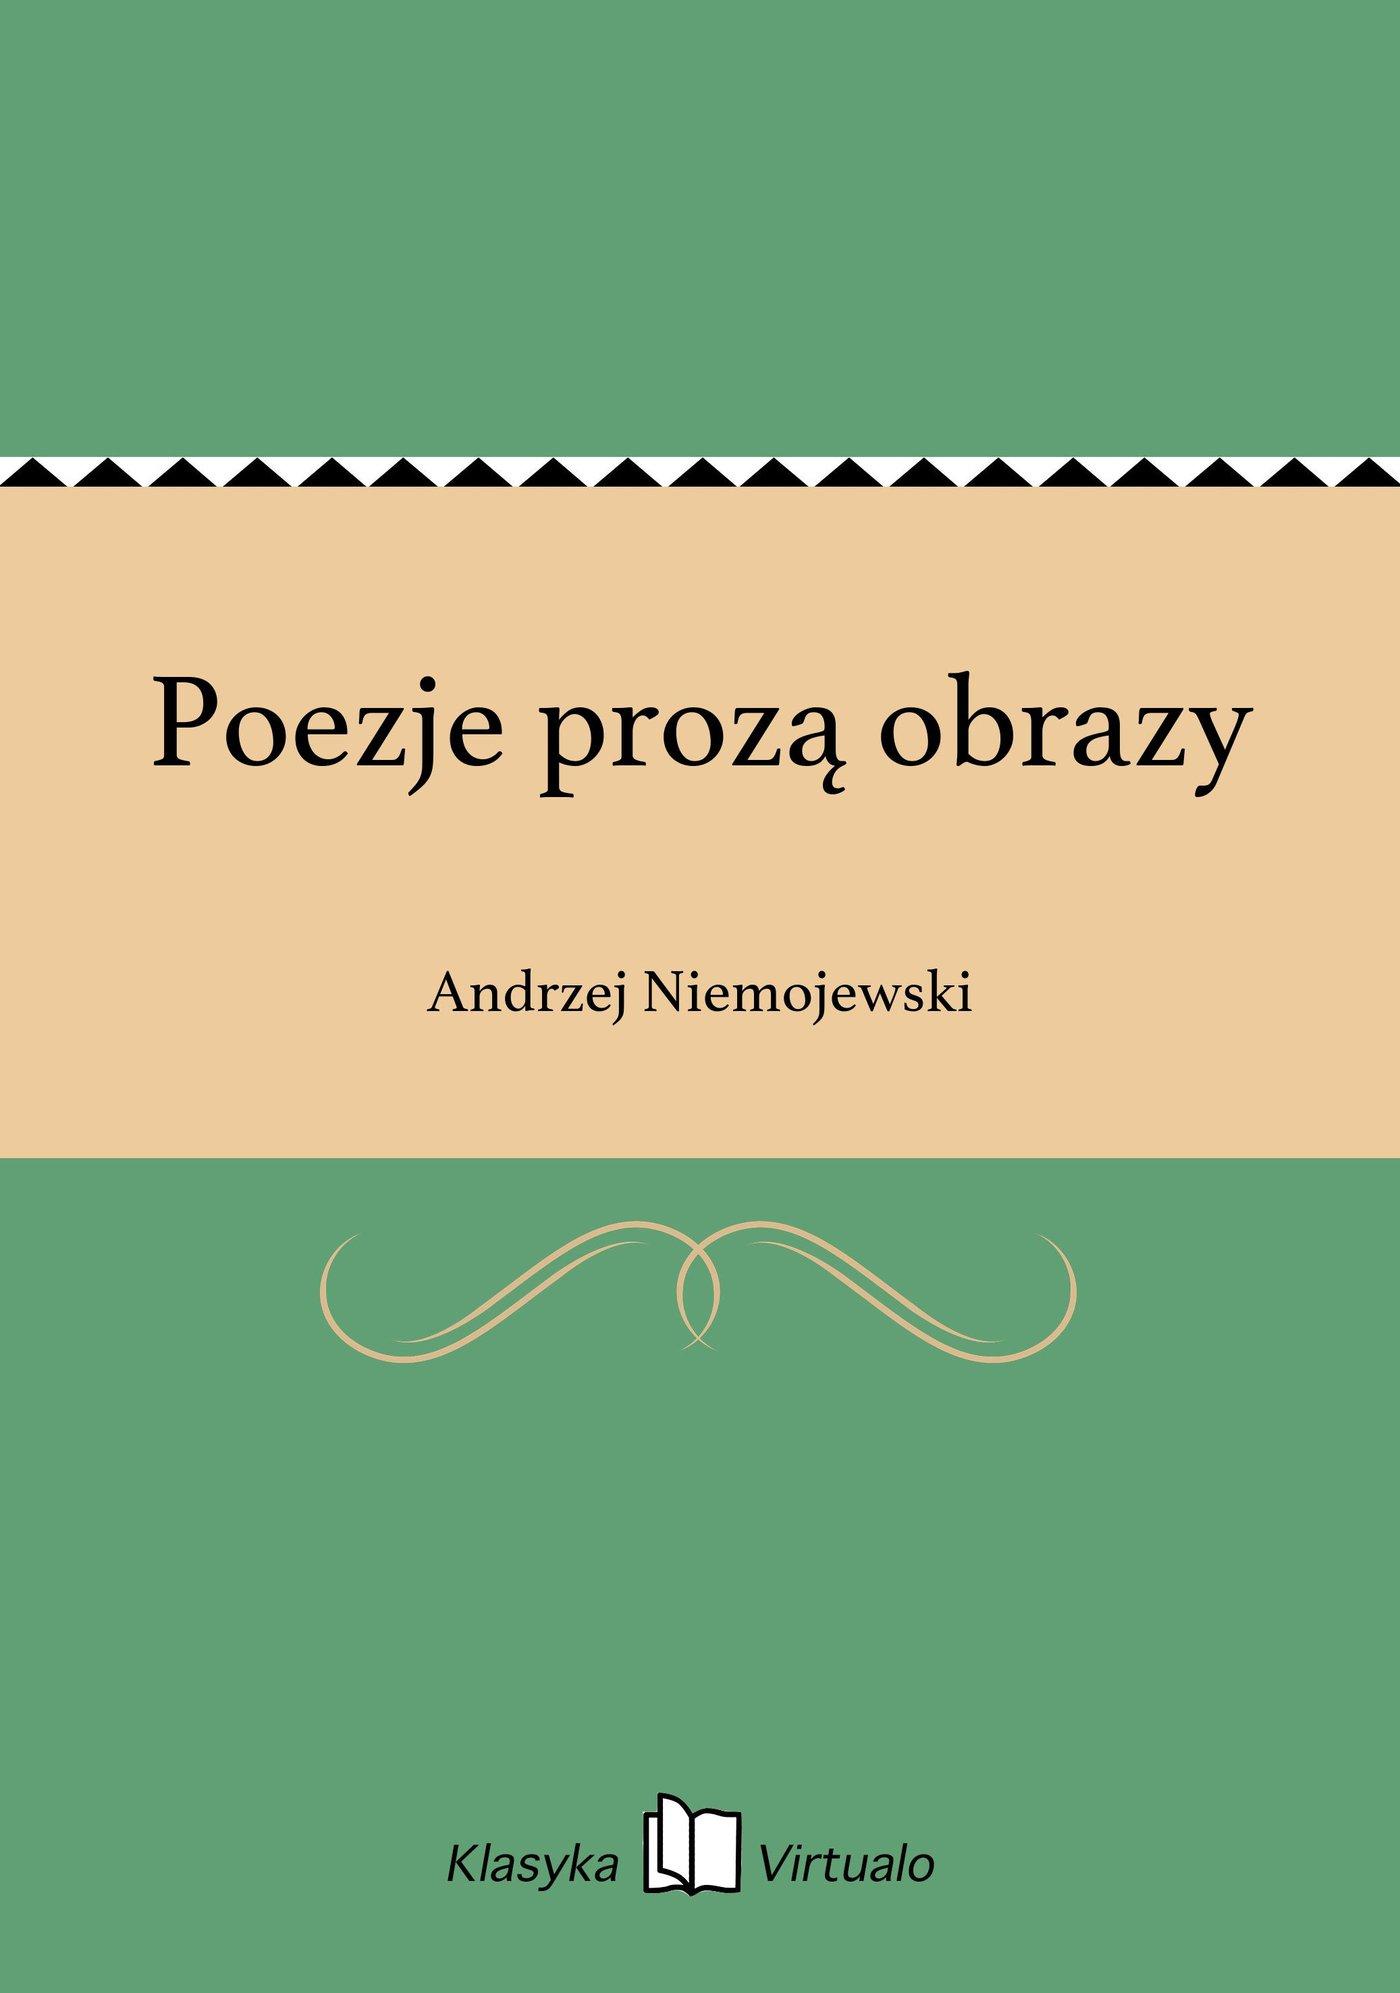 Poezje prozą obrazy - Ebook (Książka EPUB) do pobrania w formacie EPUB